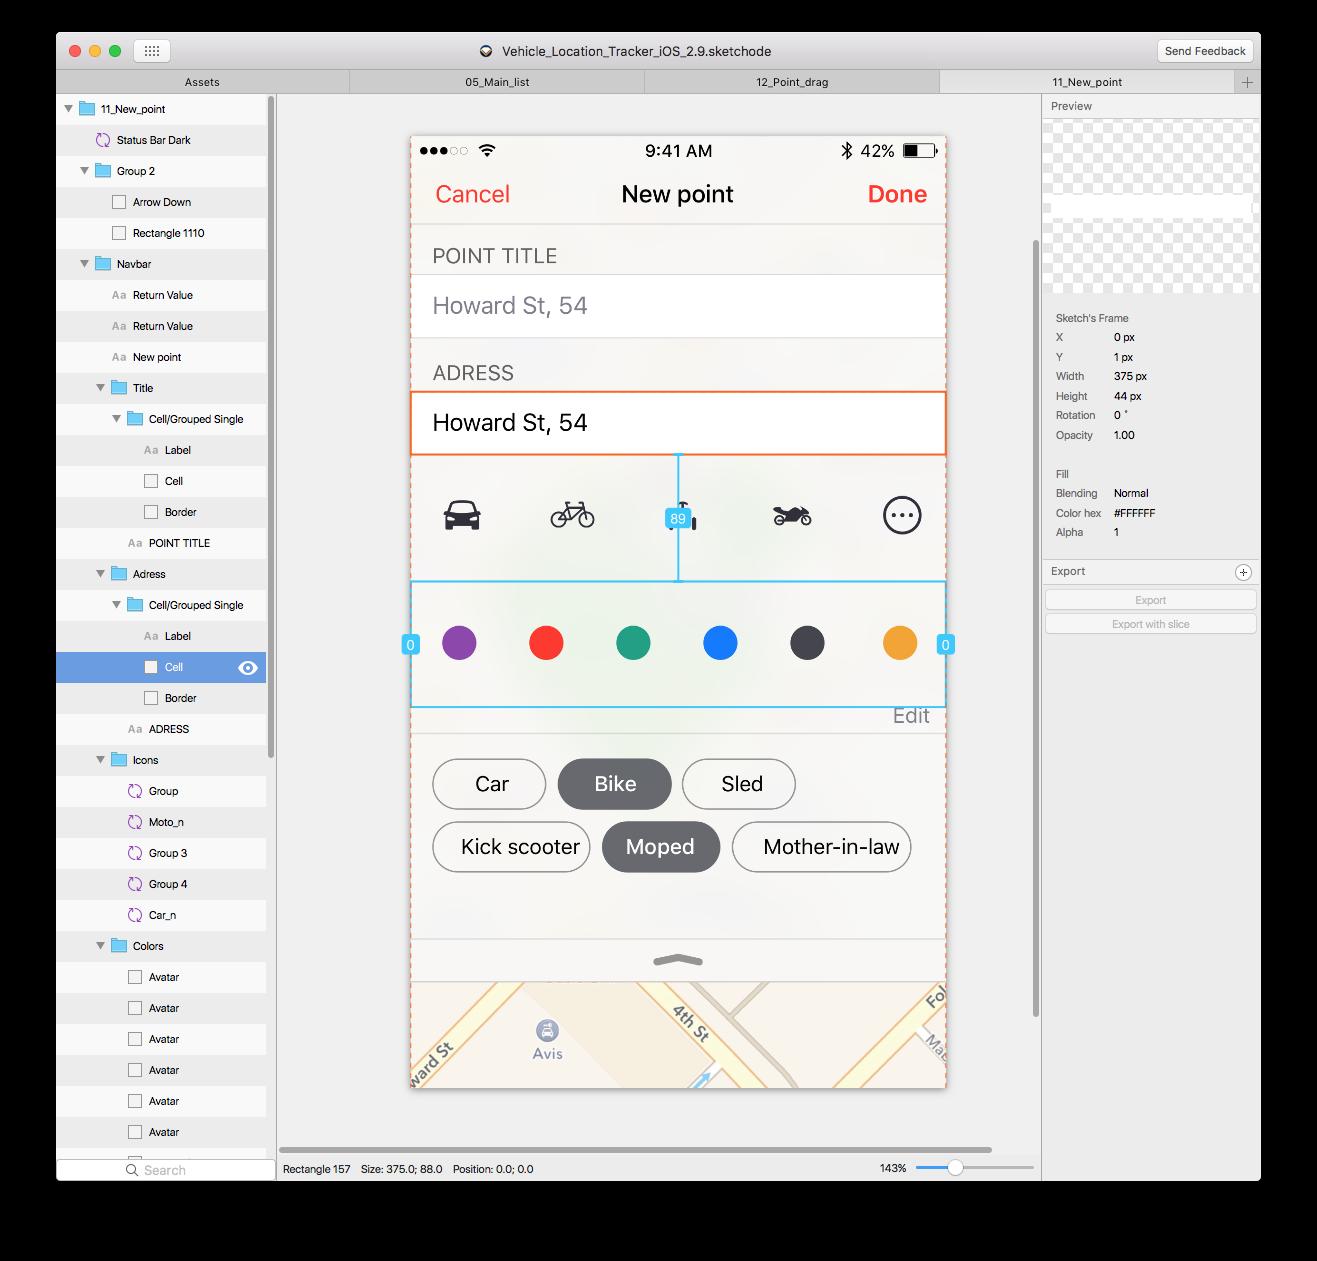 Реализация интерфейса с выдвижной панелью в iOS приложении - 5